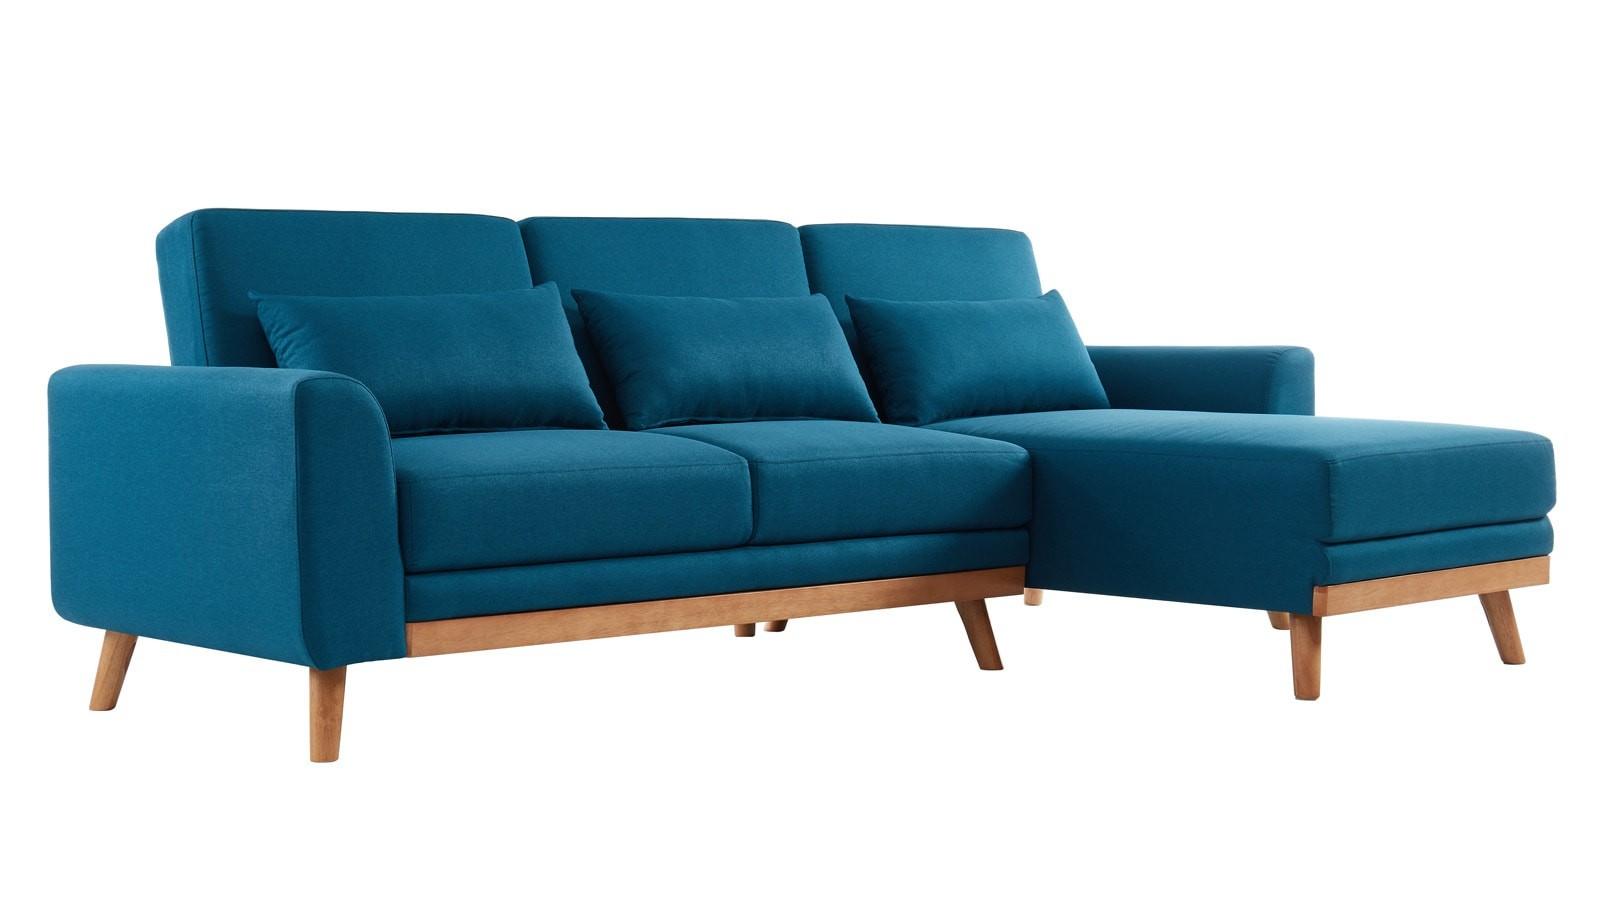 Canapé D'angle Scandinave Convertible En Tissu Bleu Avec ... tout Canapé Mathis 3 Places